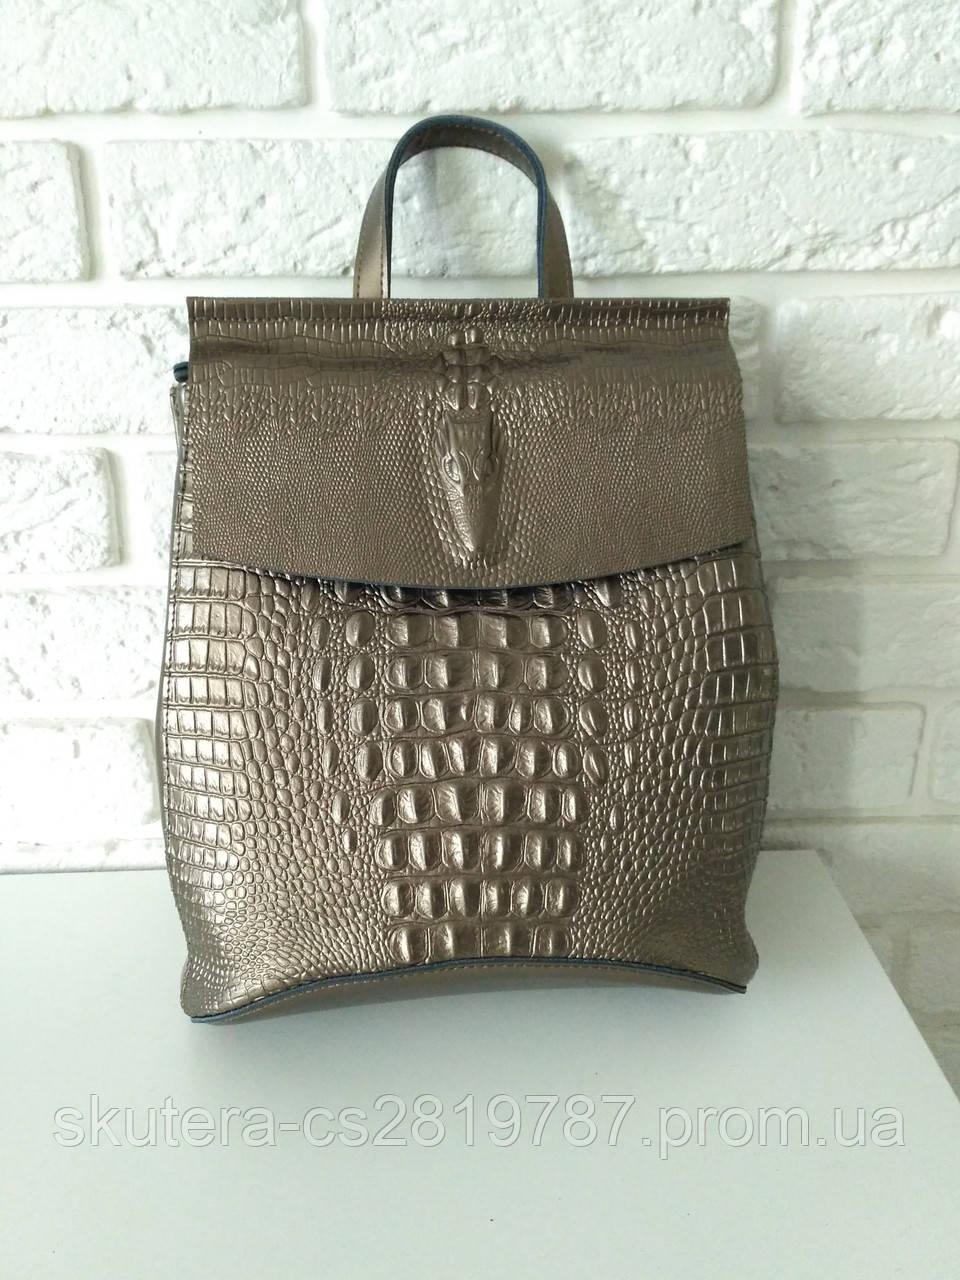 40a6341651b9 Кожаный рюкзак-сумка (трансформер) с теснением под рептилию